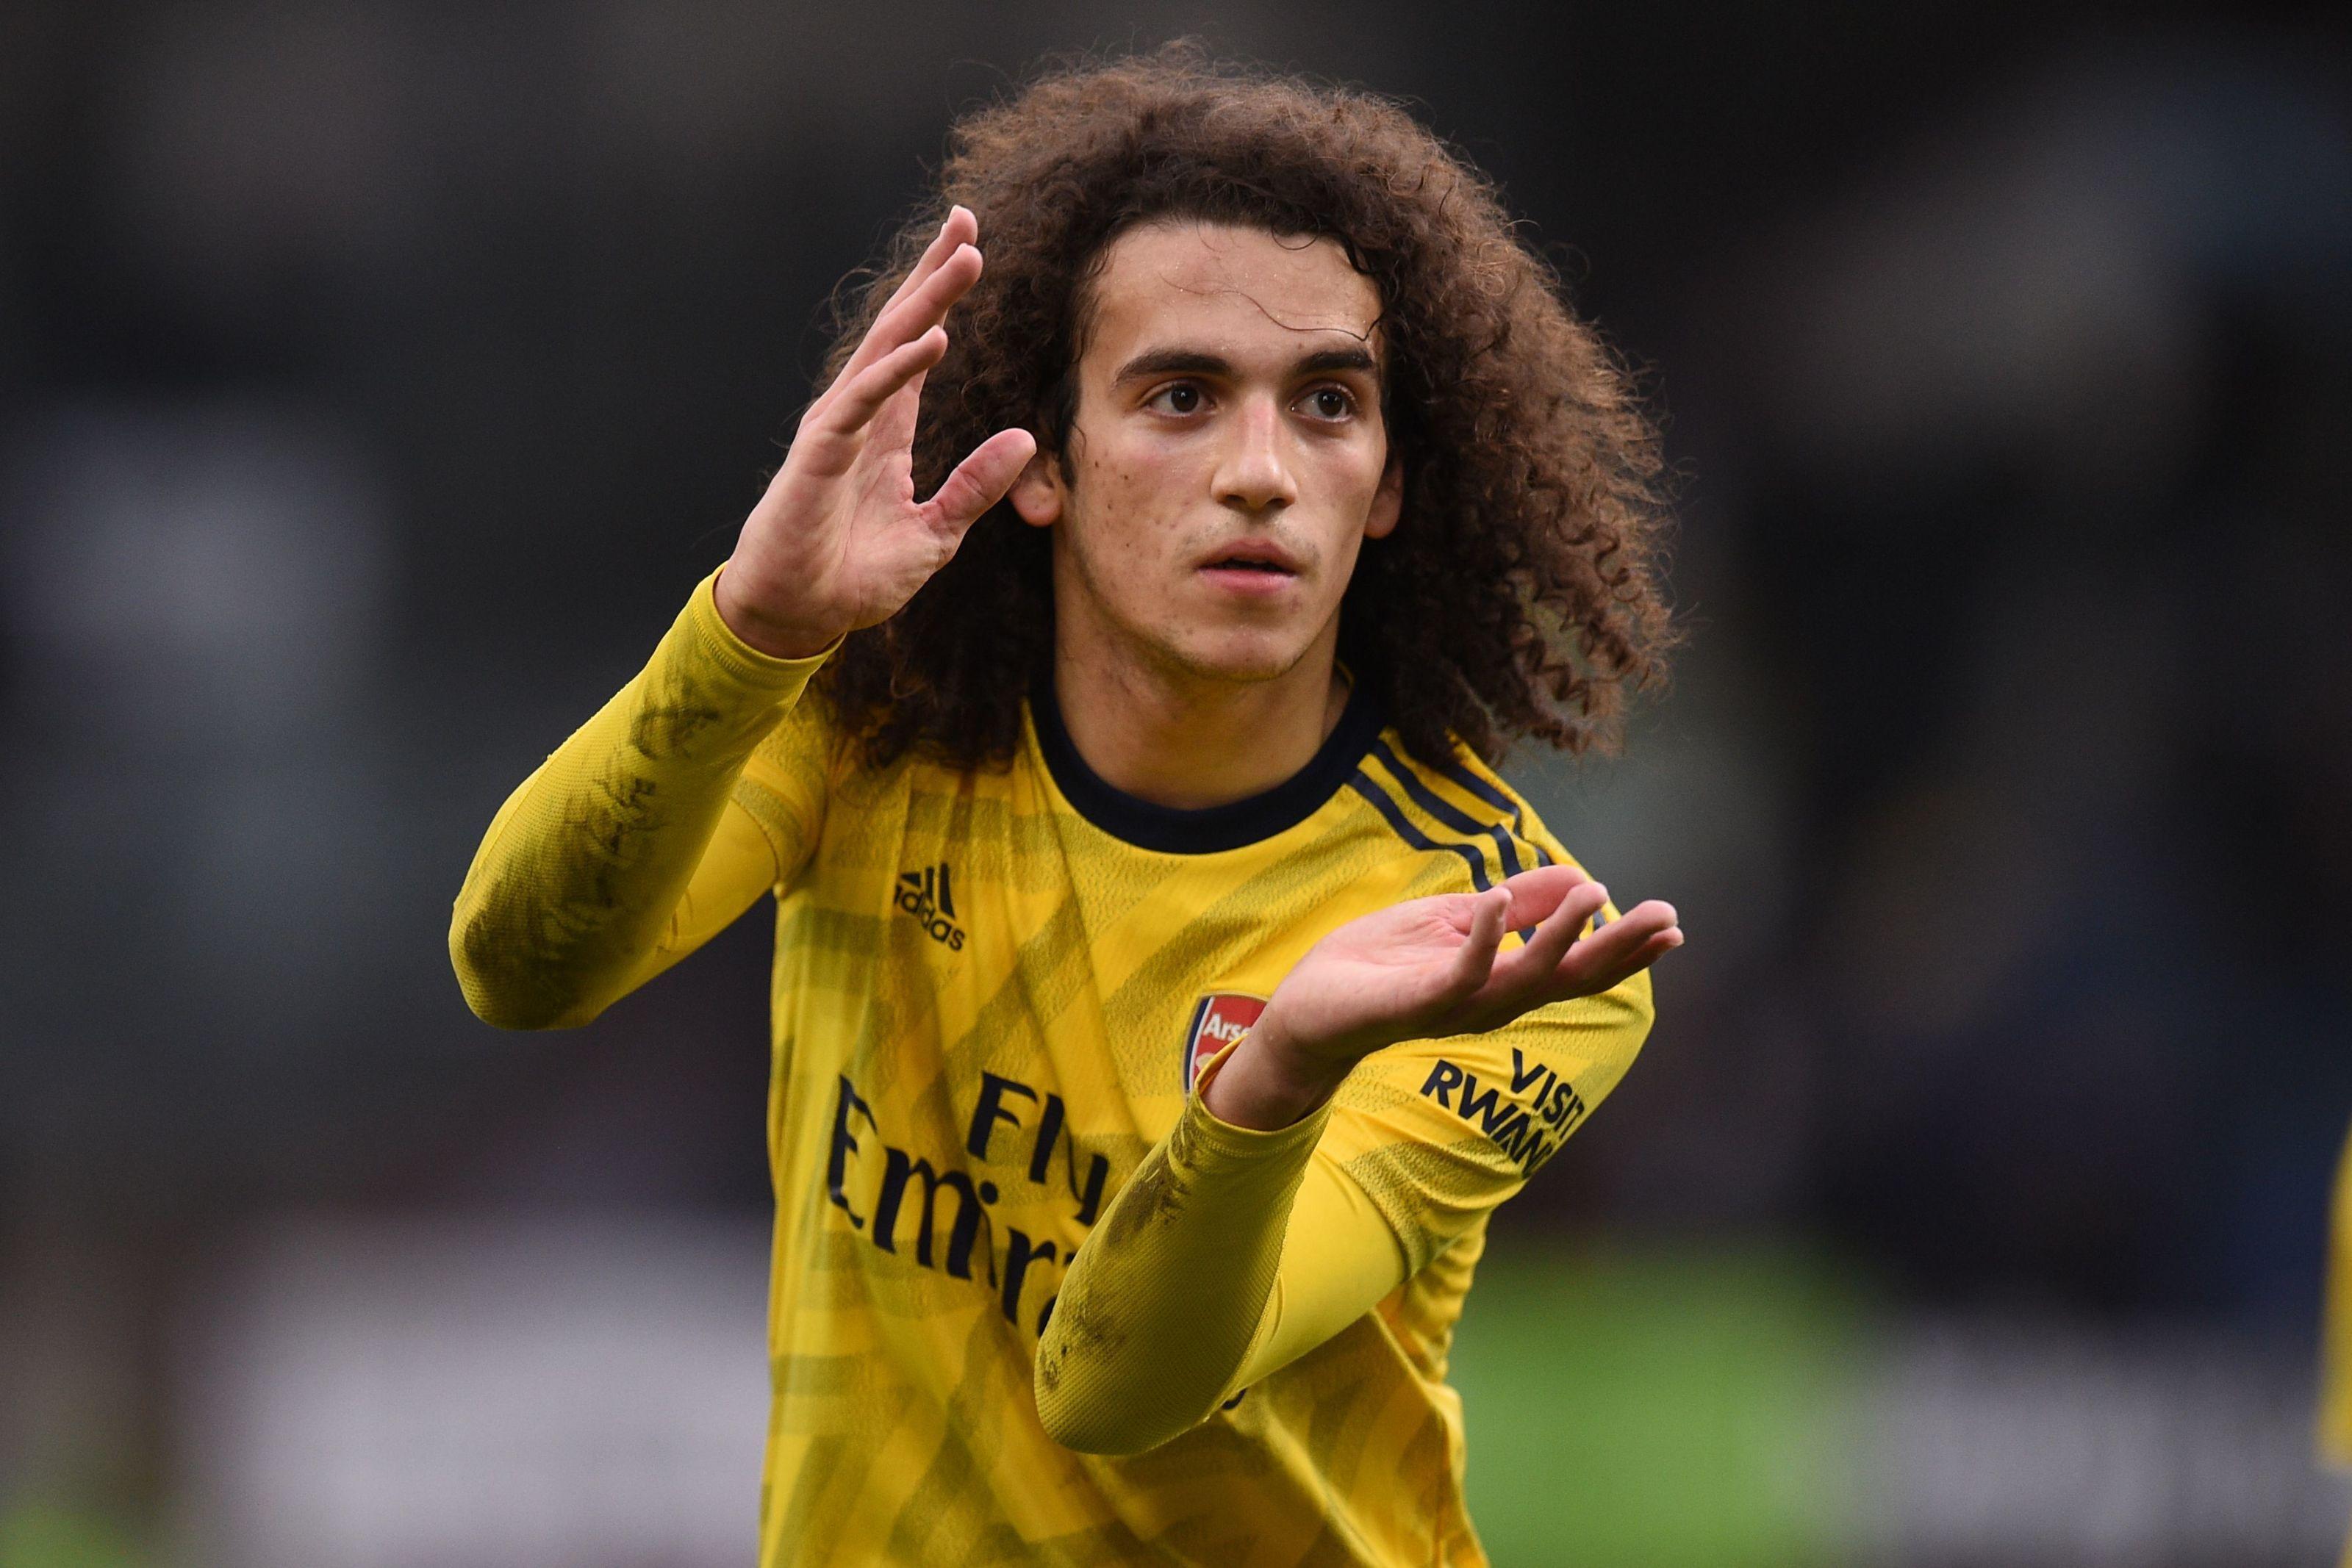 Arsenal: 3 reasons not to worry about Matteo Guendouzi